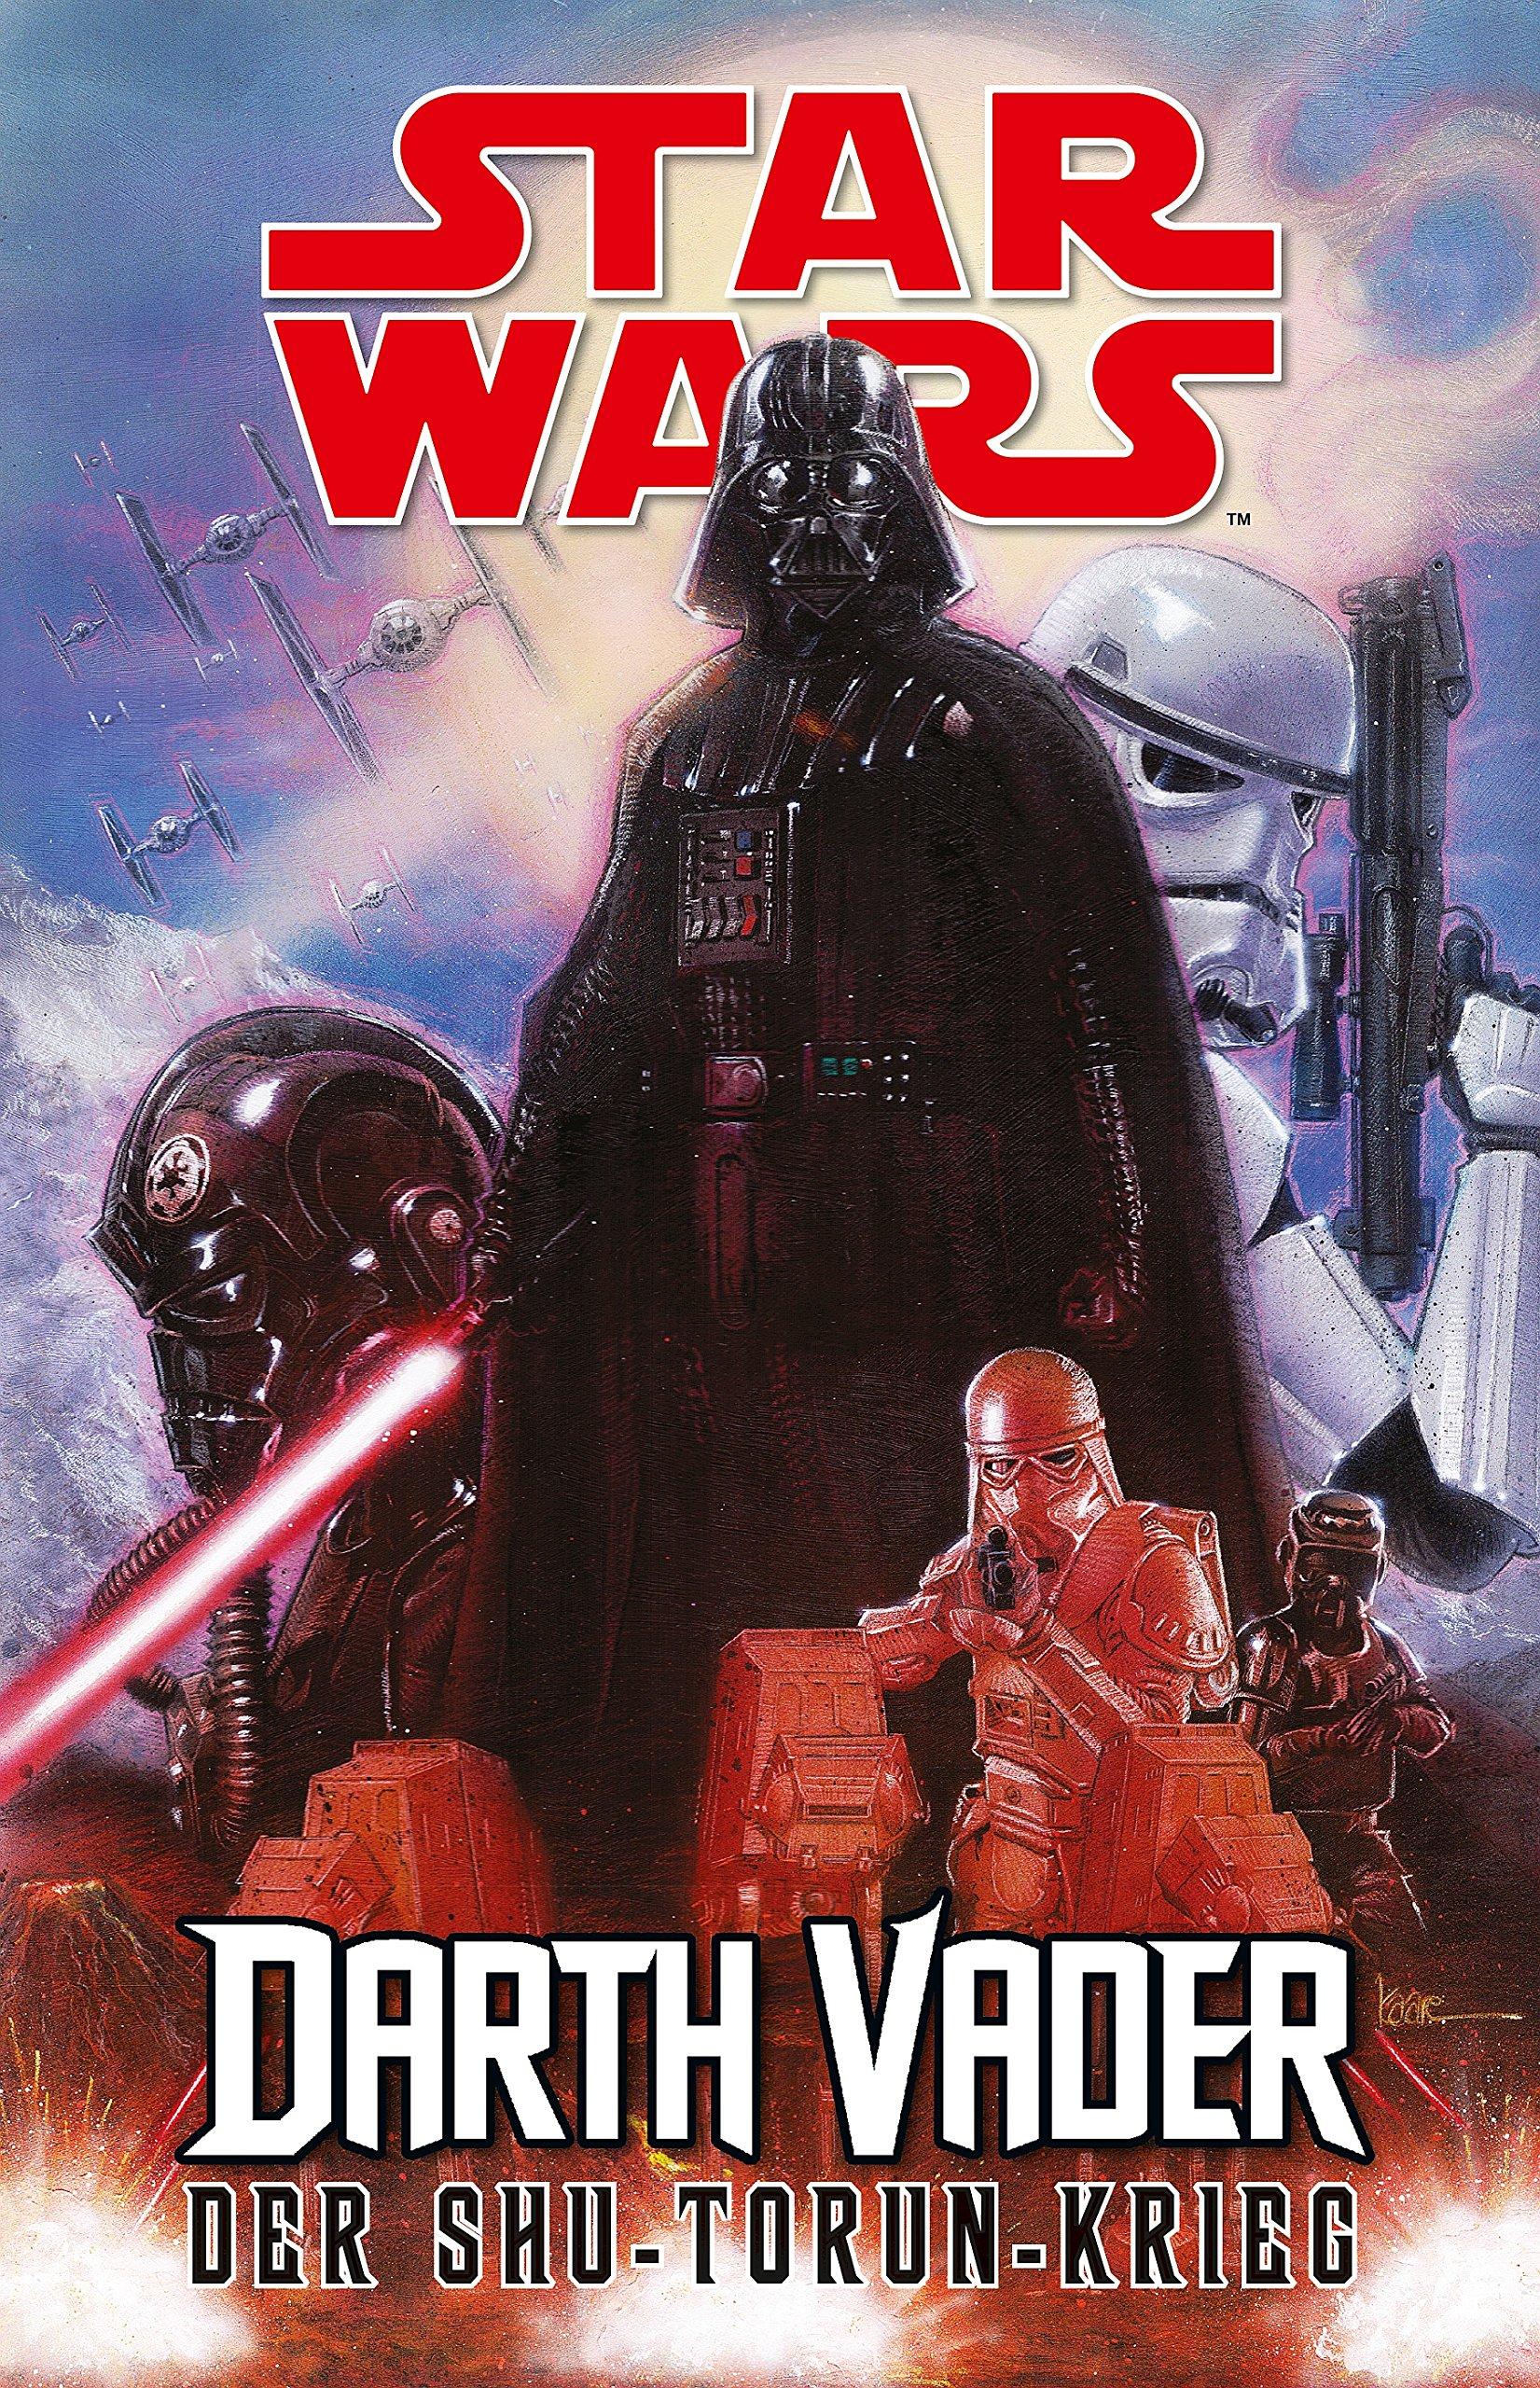 Star Wars Comics - Darth Vader (Ein Comicabenteuer): Der Shu-Torun-Krieg